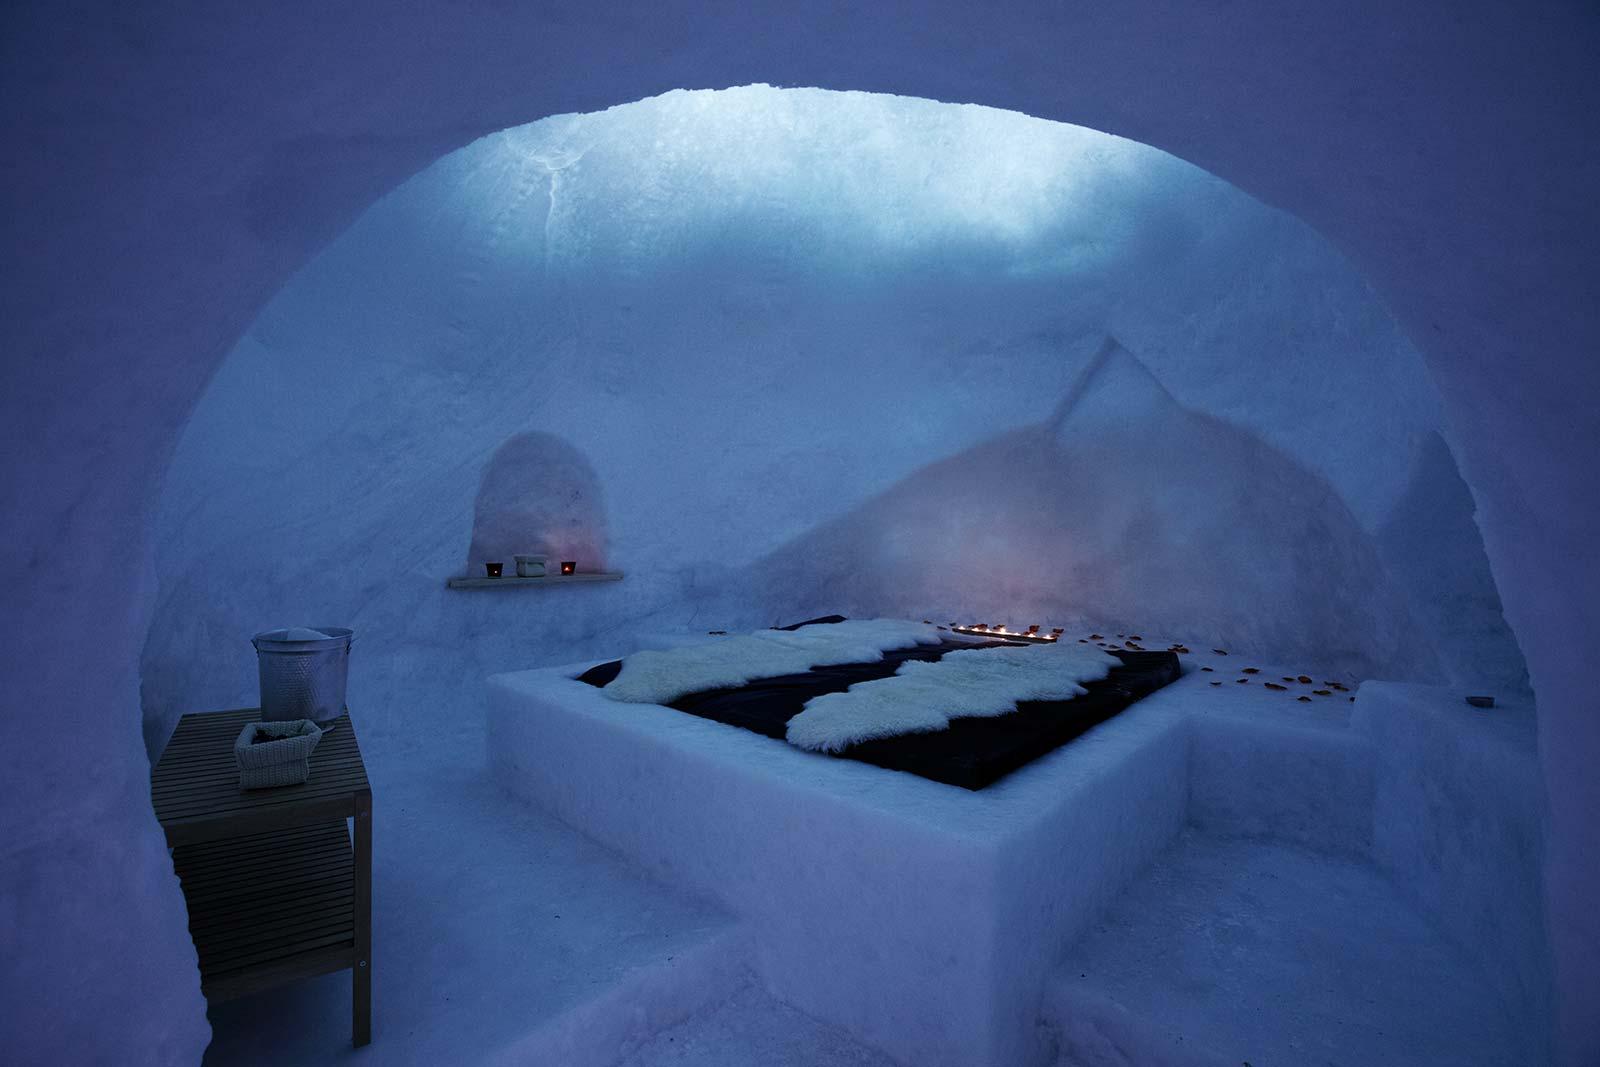 Una casa di ghiaccio: l'igloo del rifugio Bellavista ha il letto di ghiaccio, delle nicchie scavate nella neve.